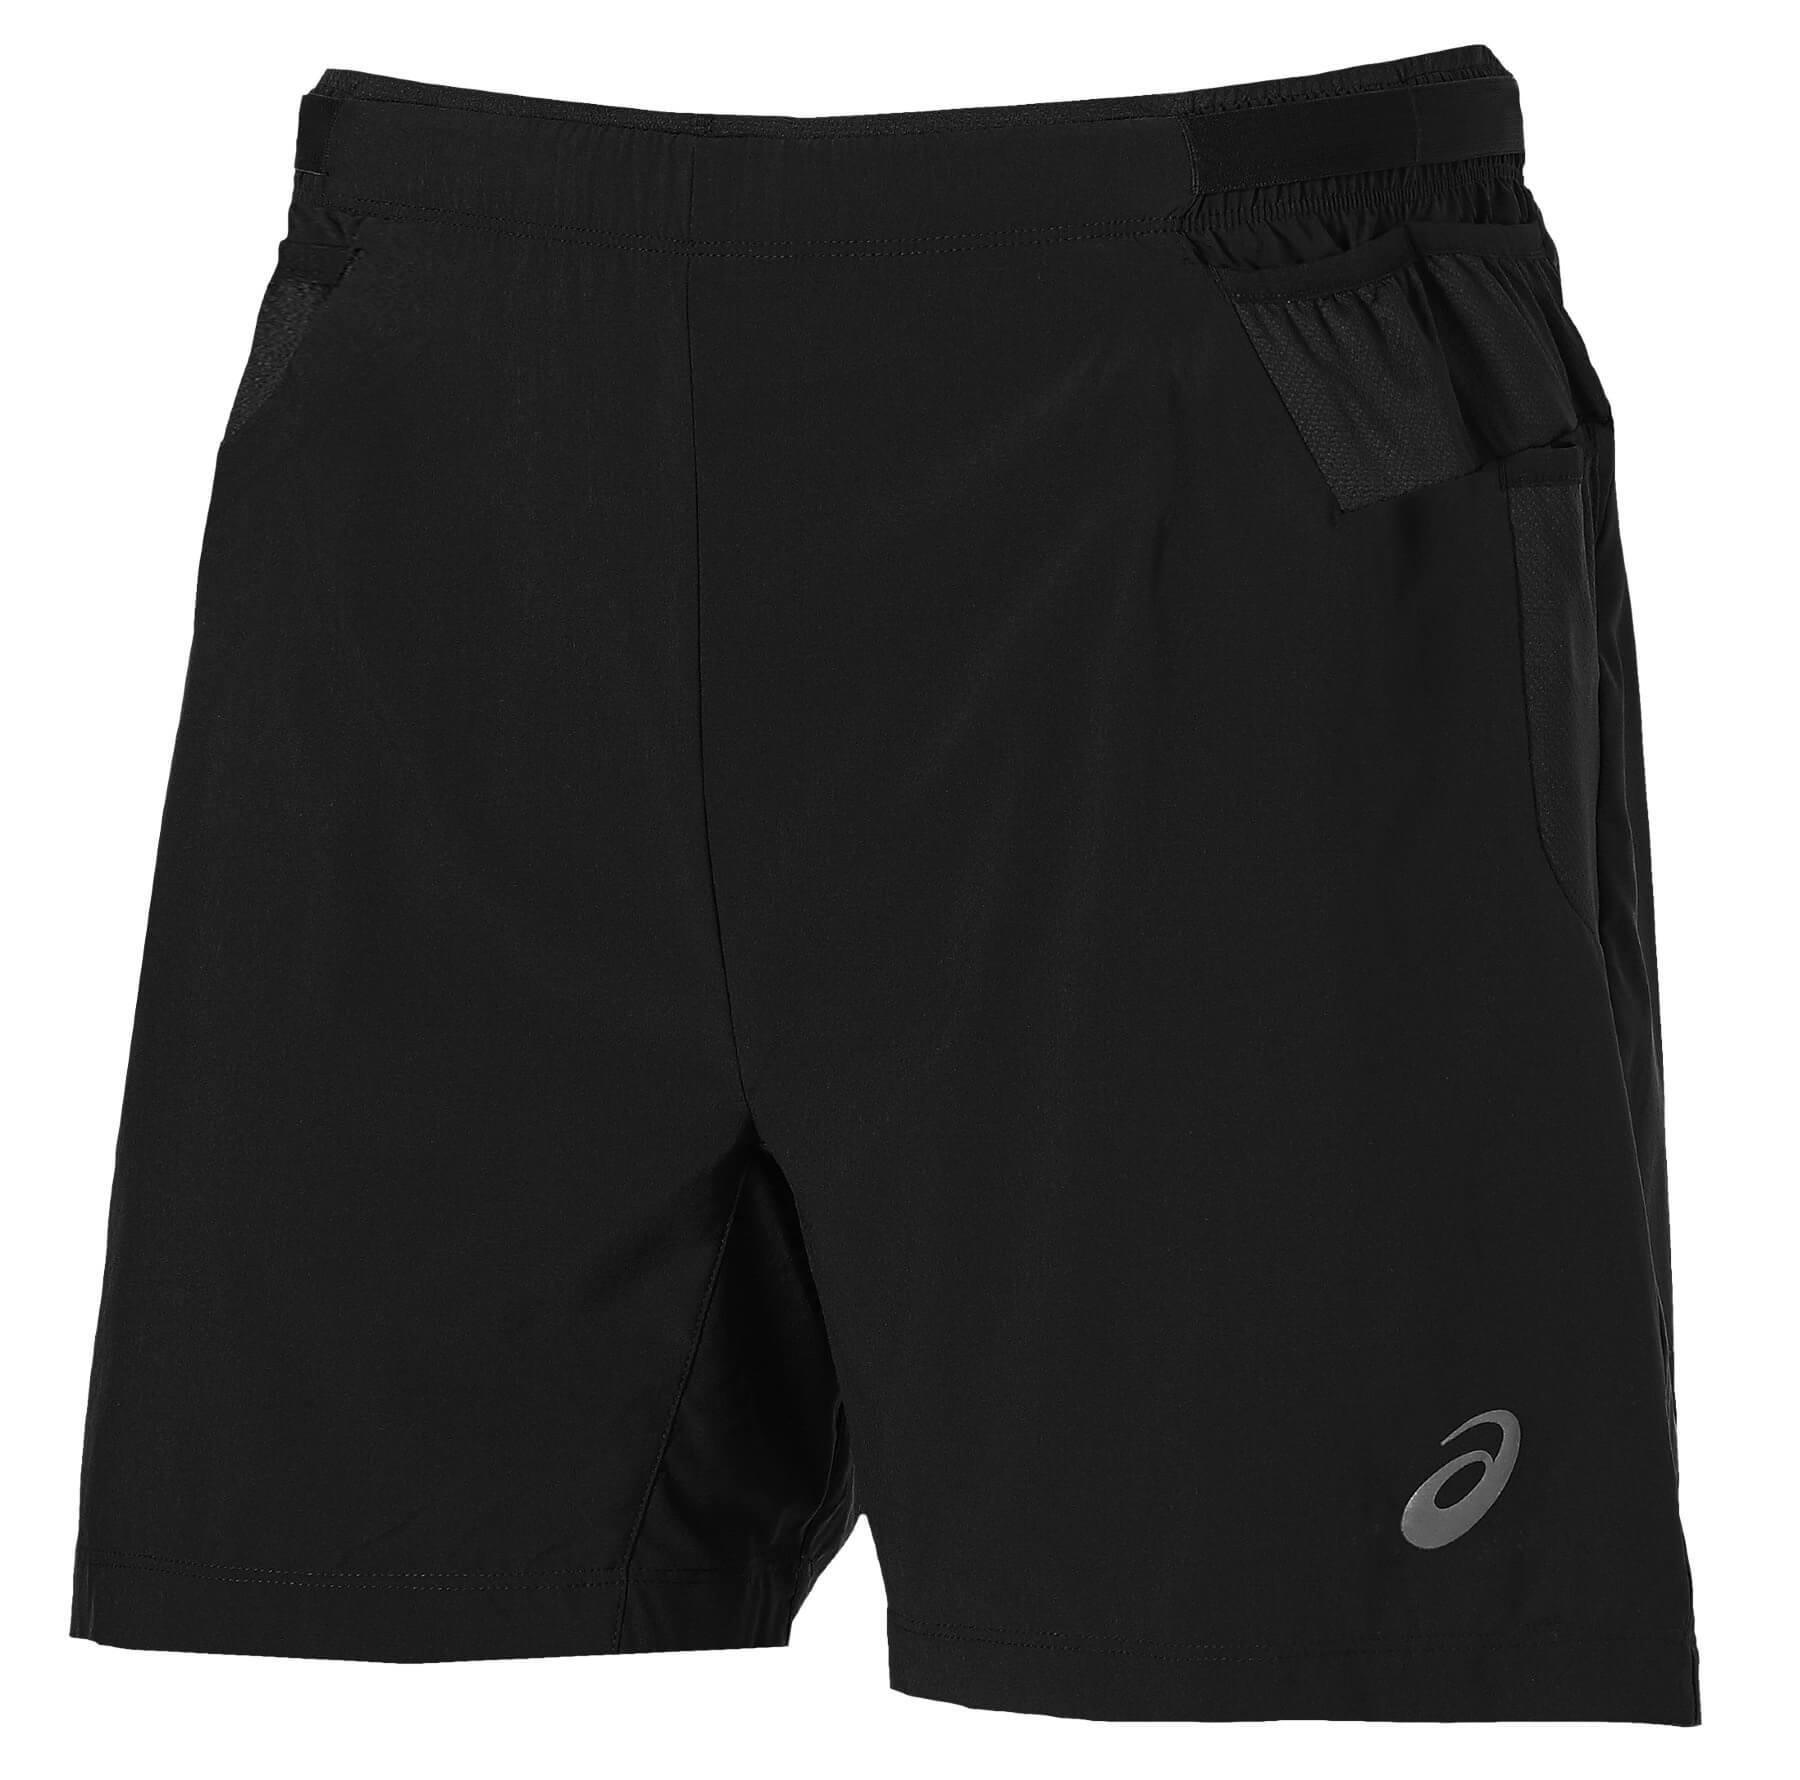 Asics M'S FujiTrail 2in1 Short Мужские шорты-боксеры - 2